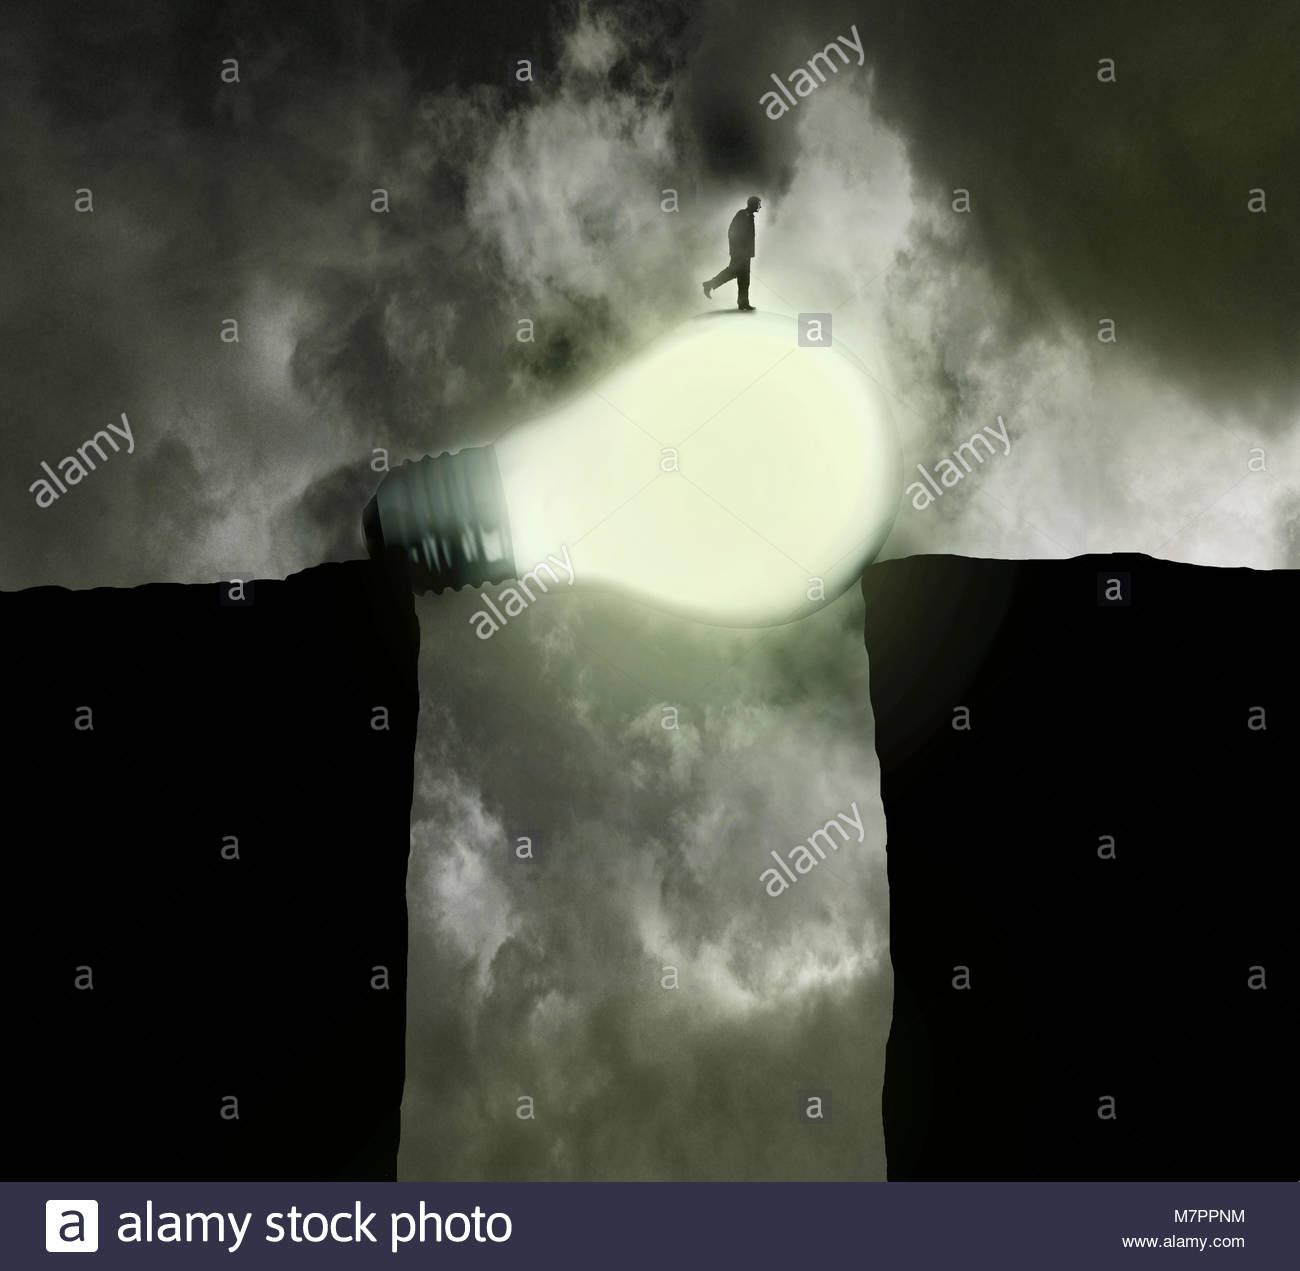 Empresario salvando la brecha con bombilla iluminada Imagen De Stock